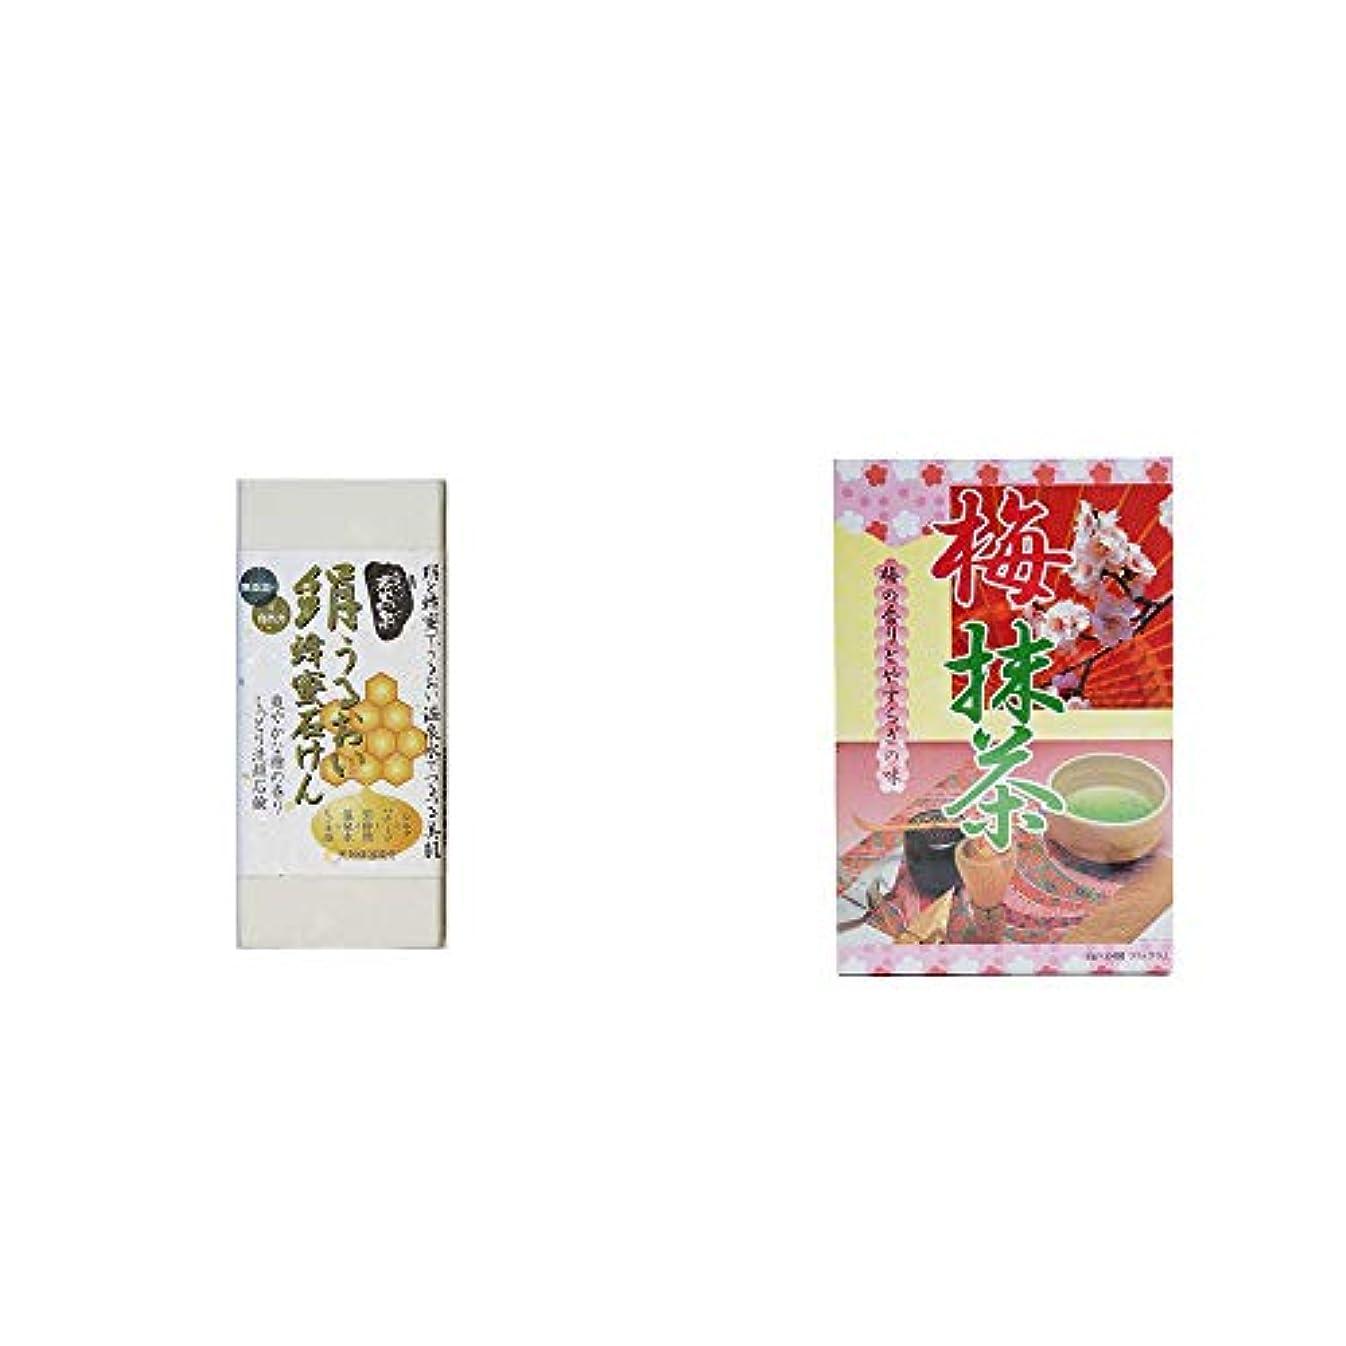 テントエーカー蒸発する[2点セット] ひのき炭黒泉 絹うるおい蜂蜜石けん(75g×2)?梅抹茶[大](24袋)